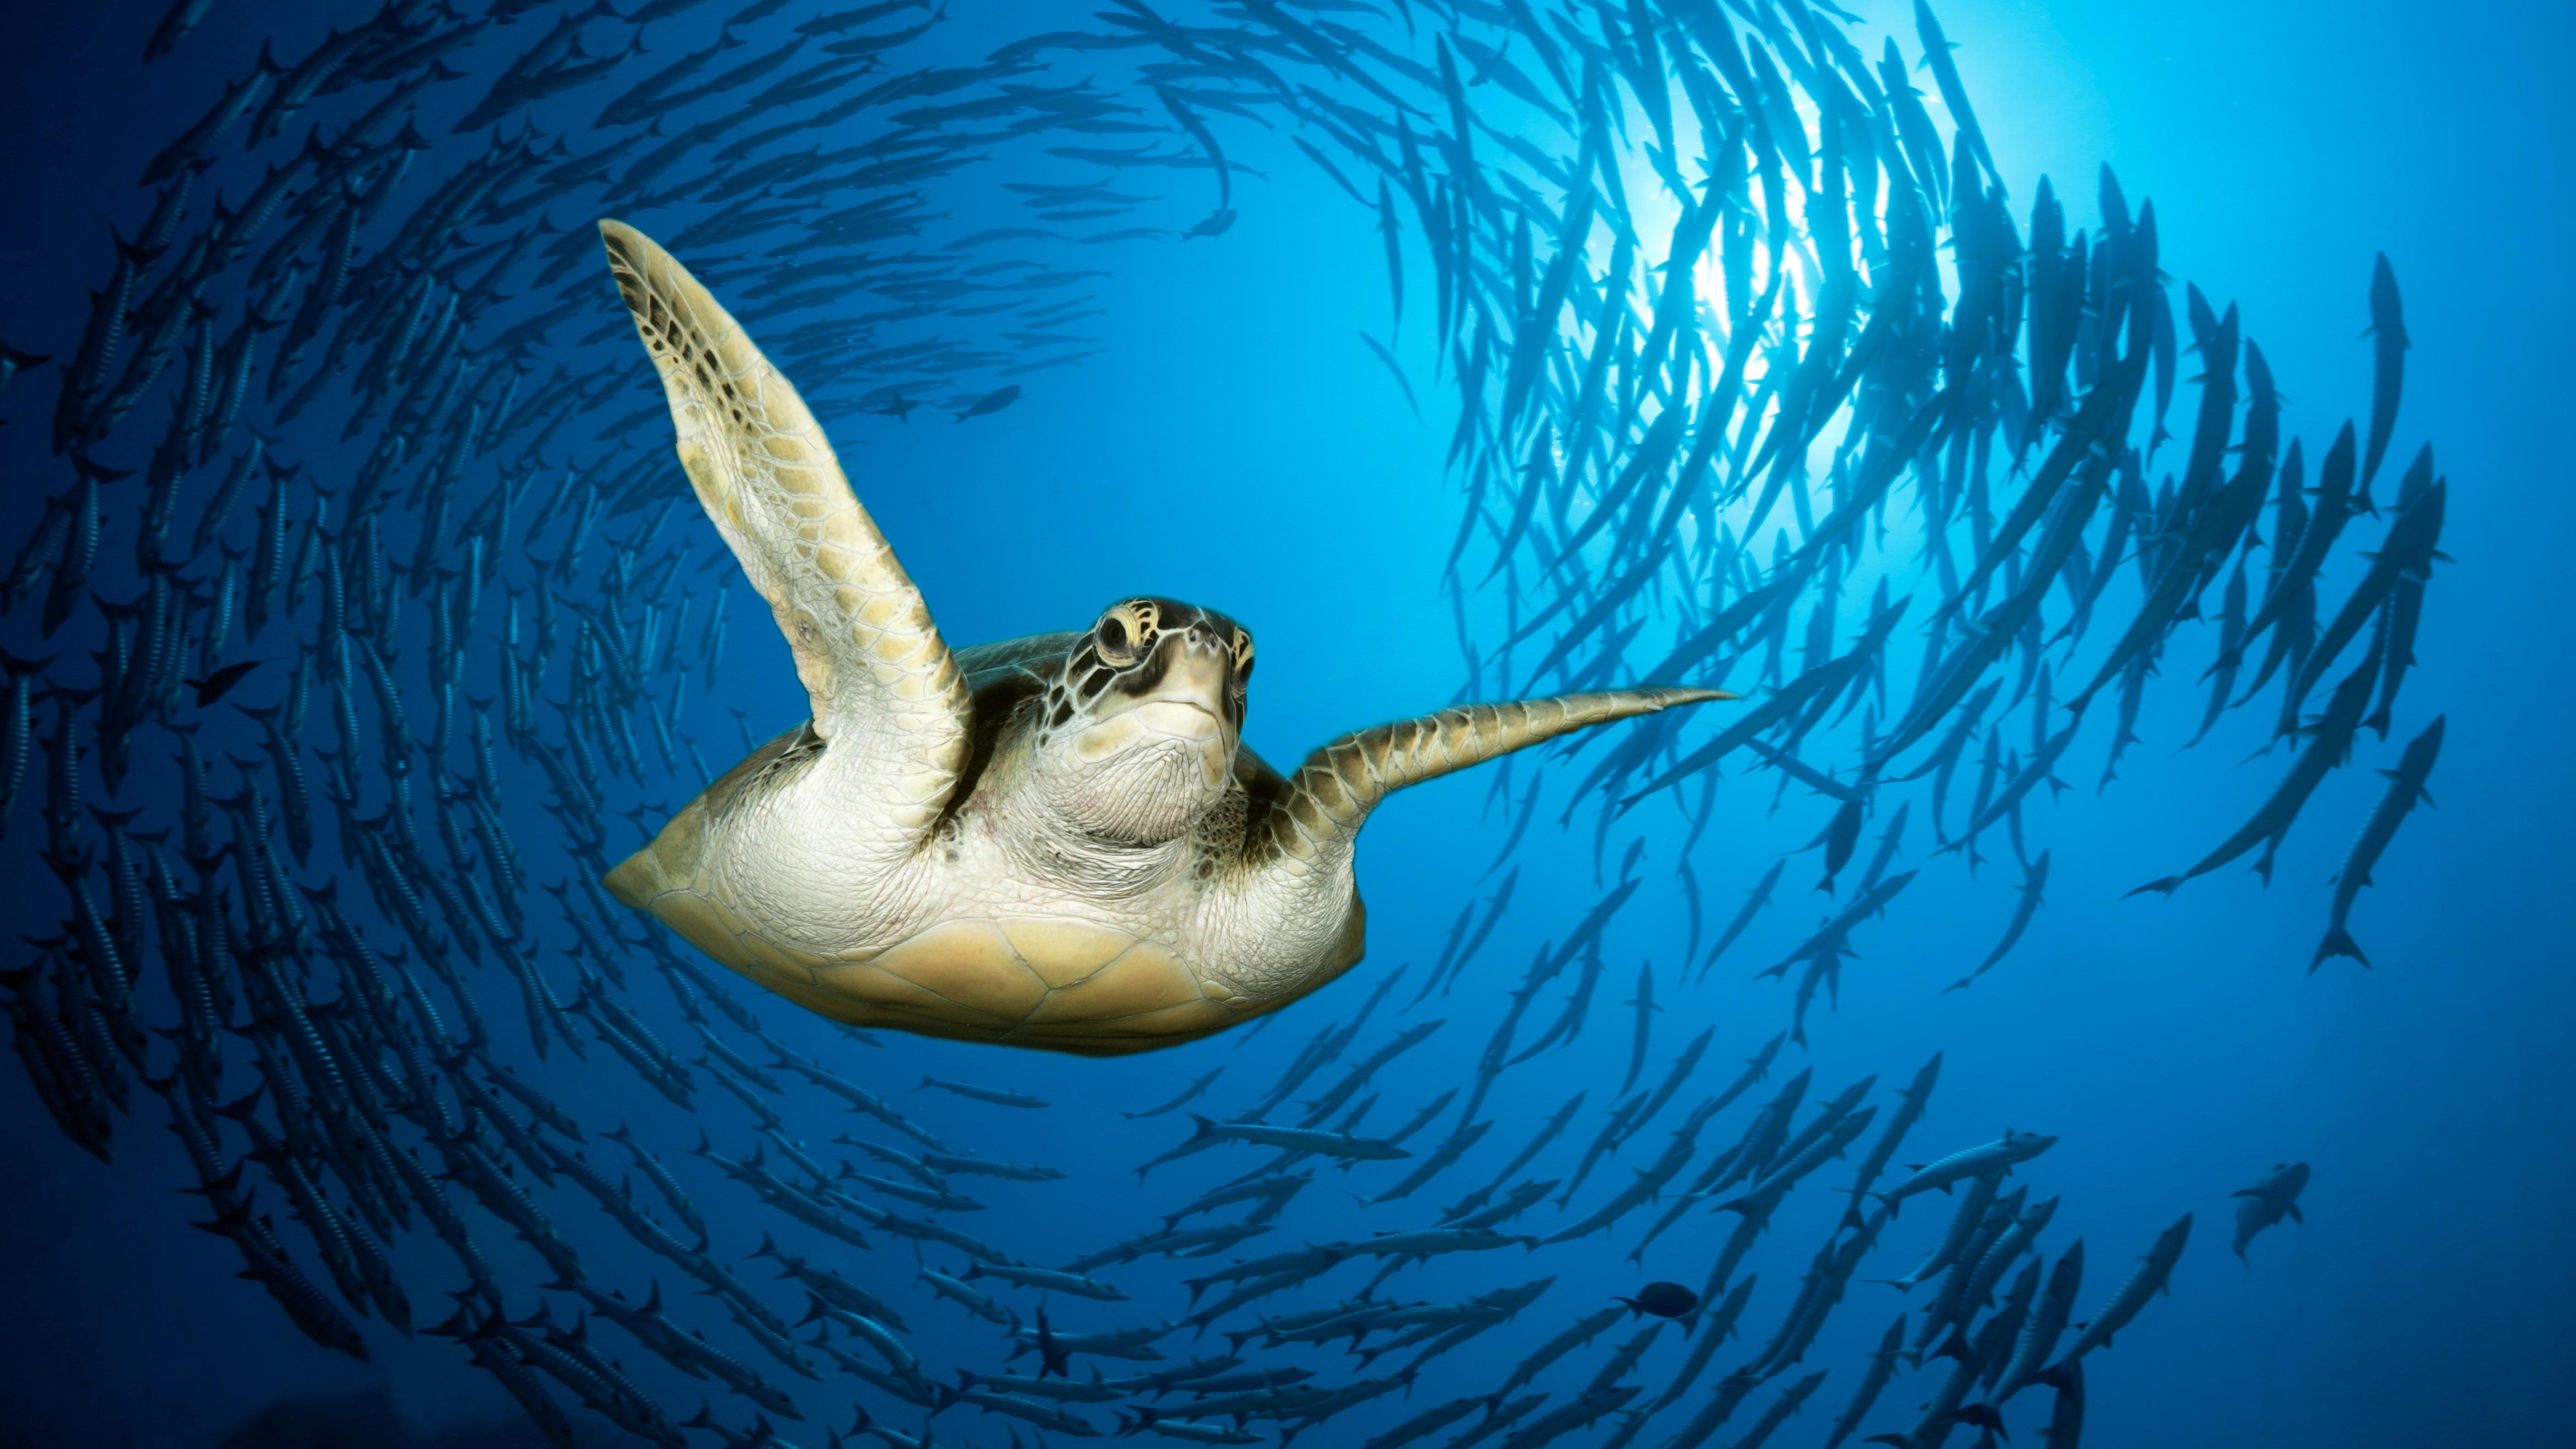 Sea creatures' unusual round swimming has scientists puzzled 8FQPtARsQRRR7jwKTPrXp4